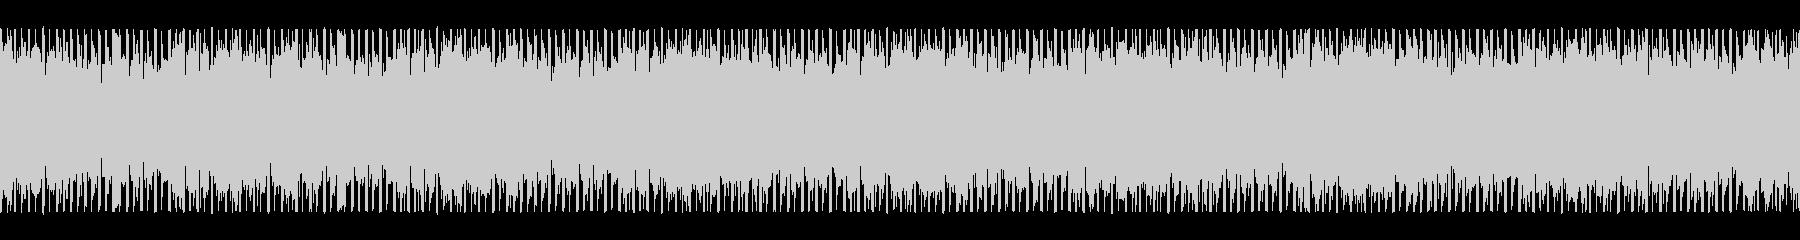 情報を入手する(ループ)の未再生の波形